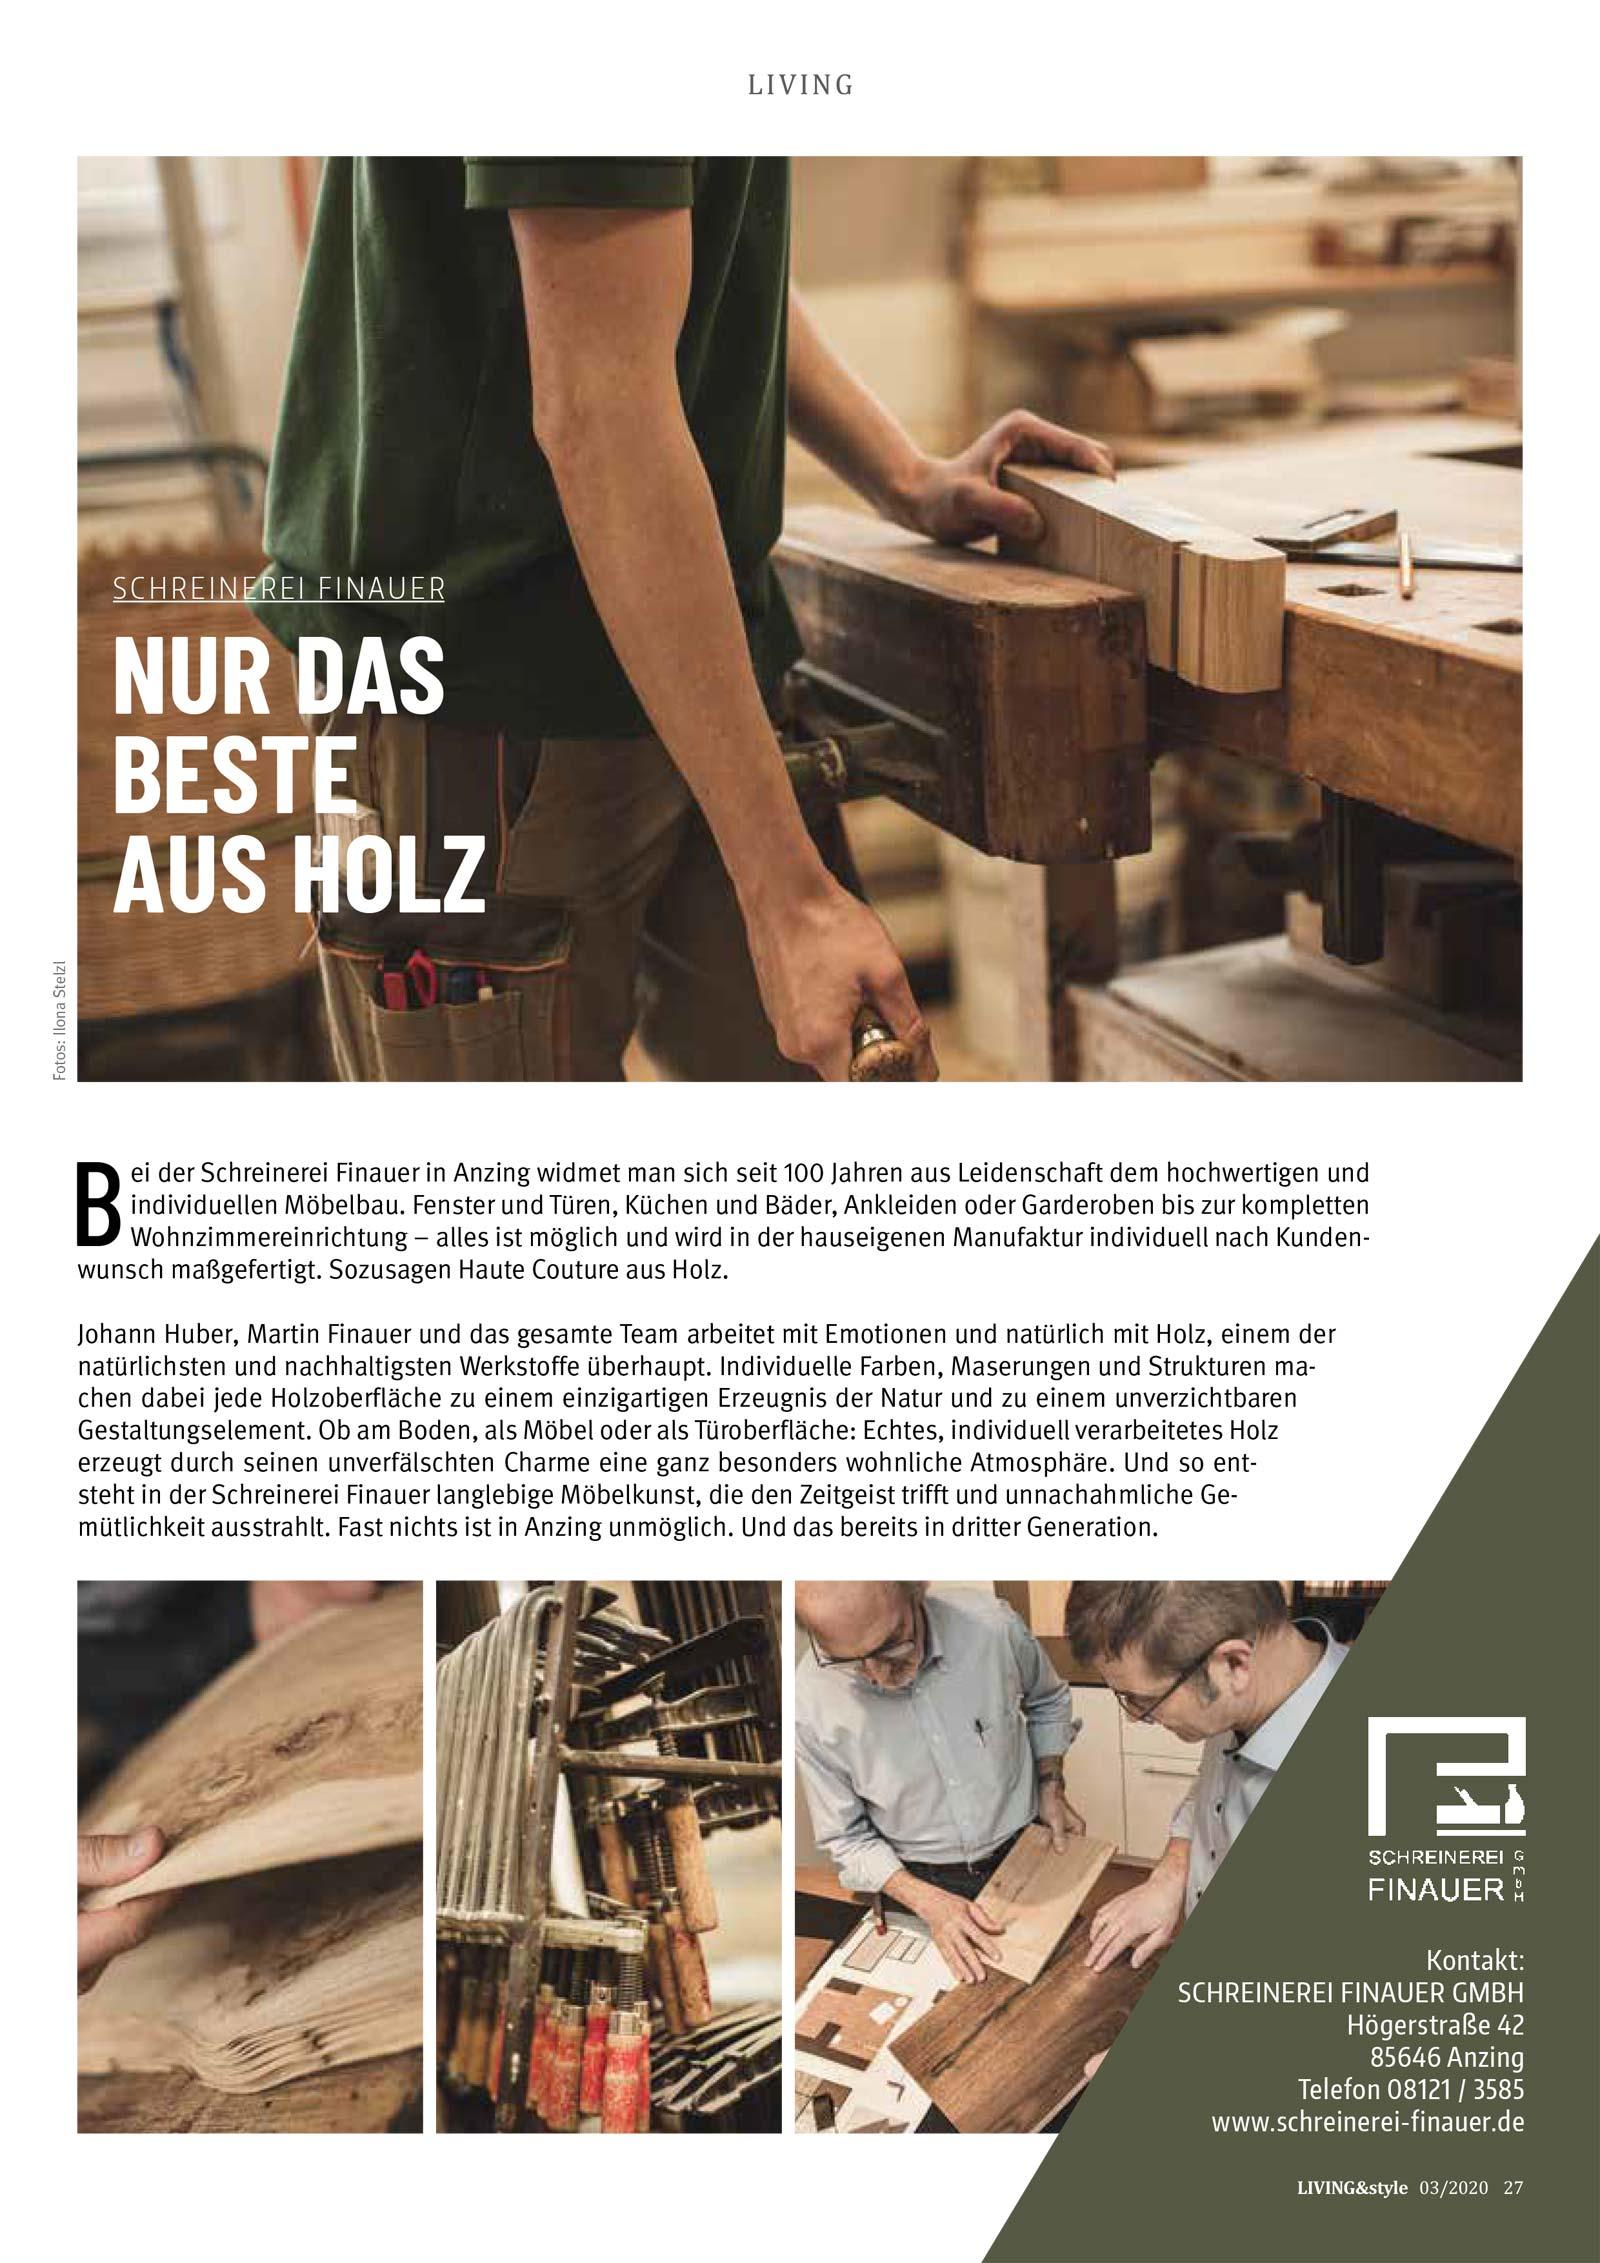 Schreinerei Finauer GmbH Anzing